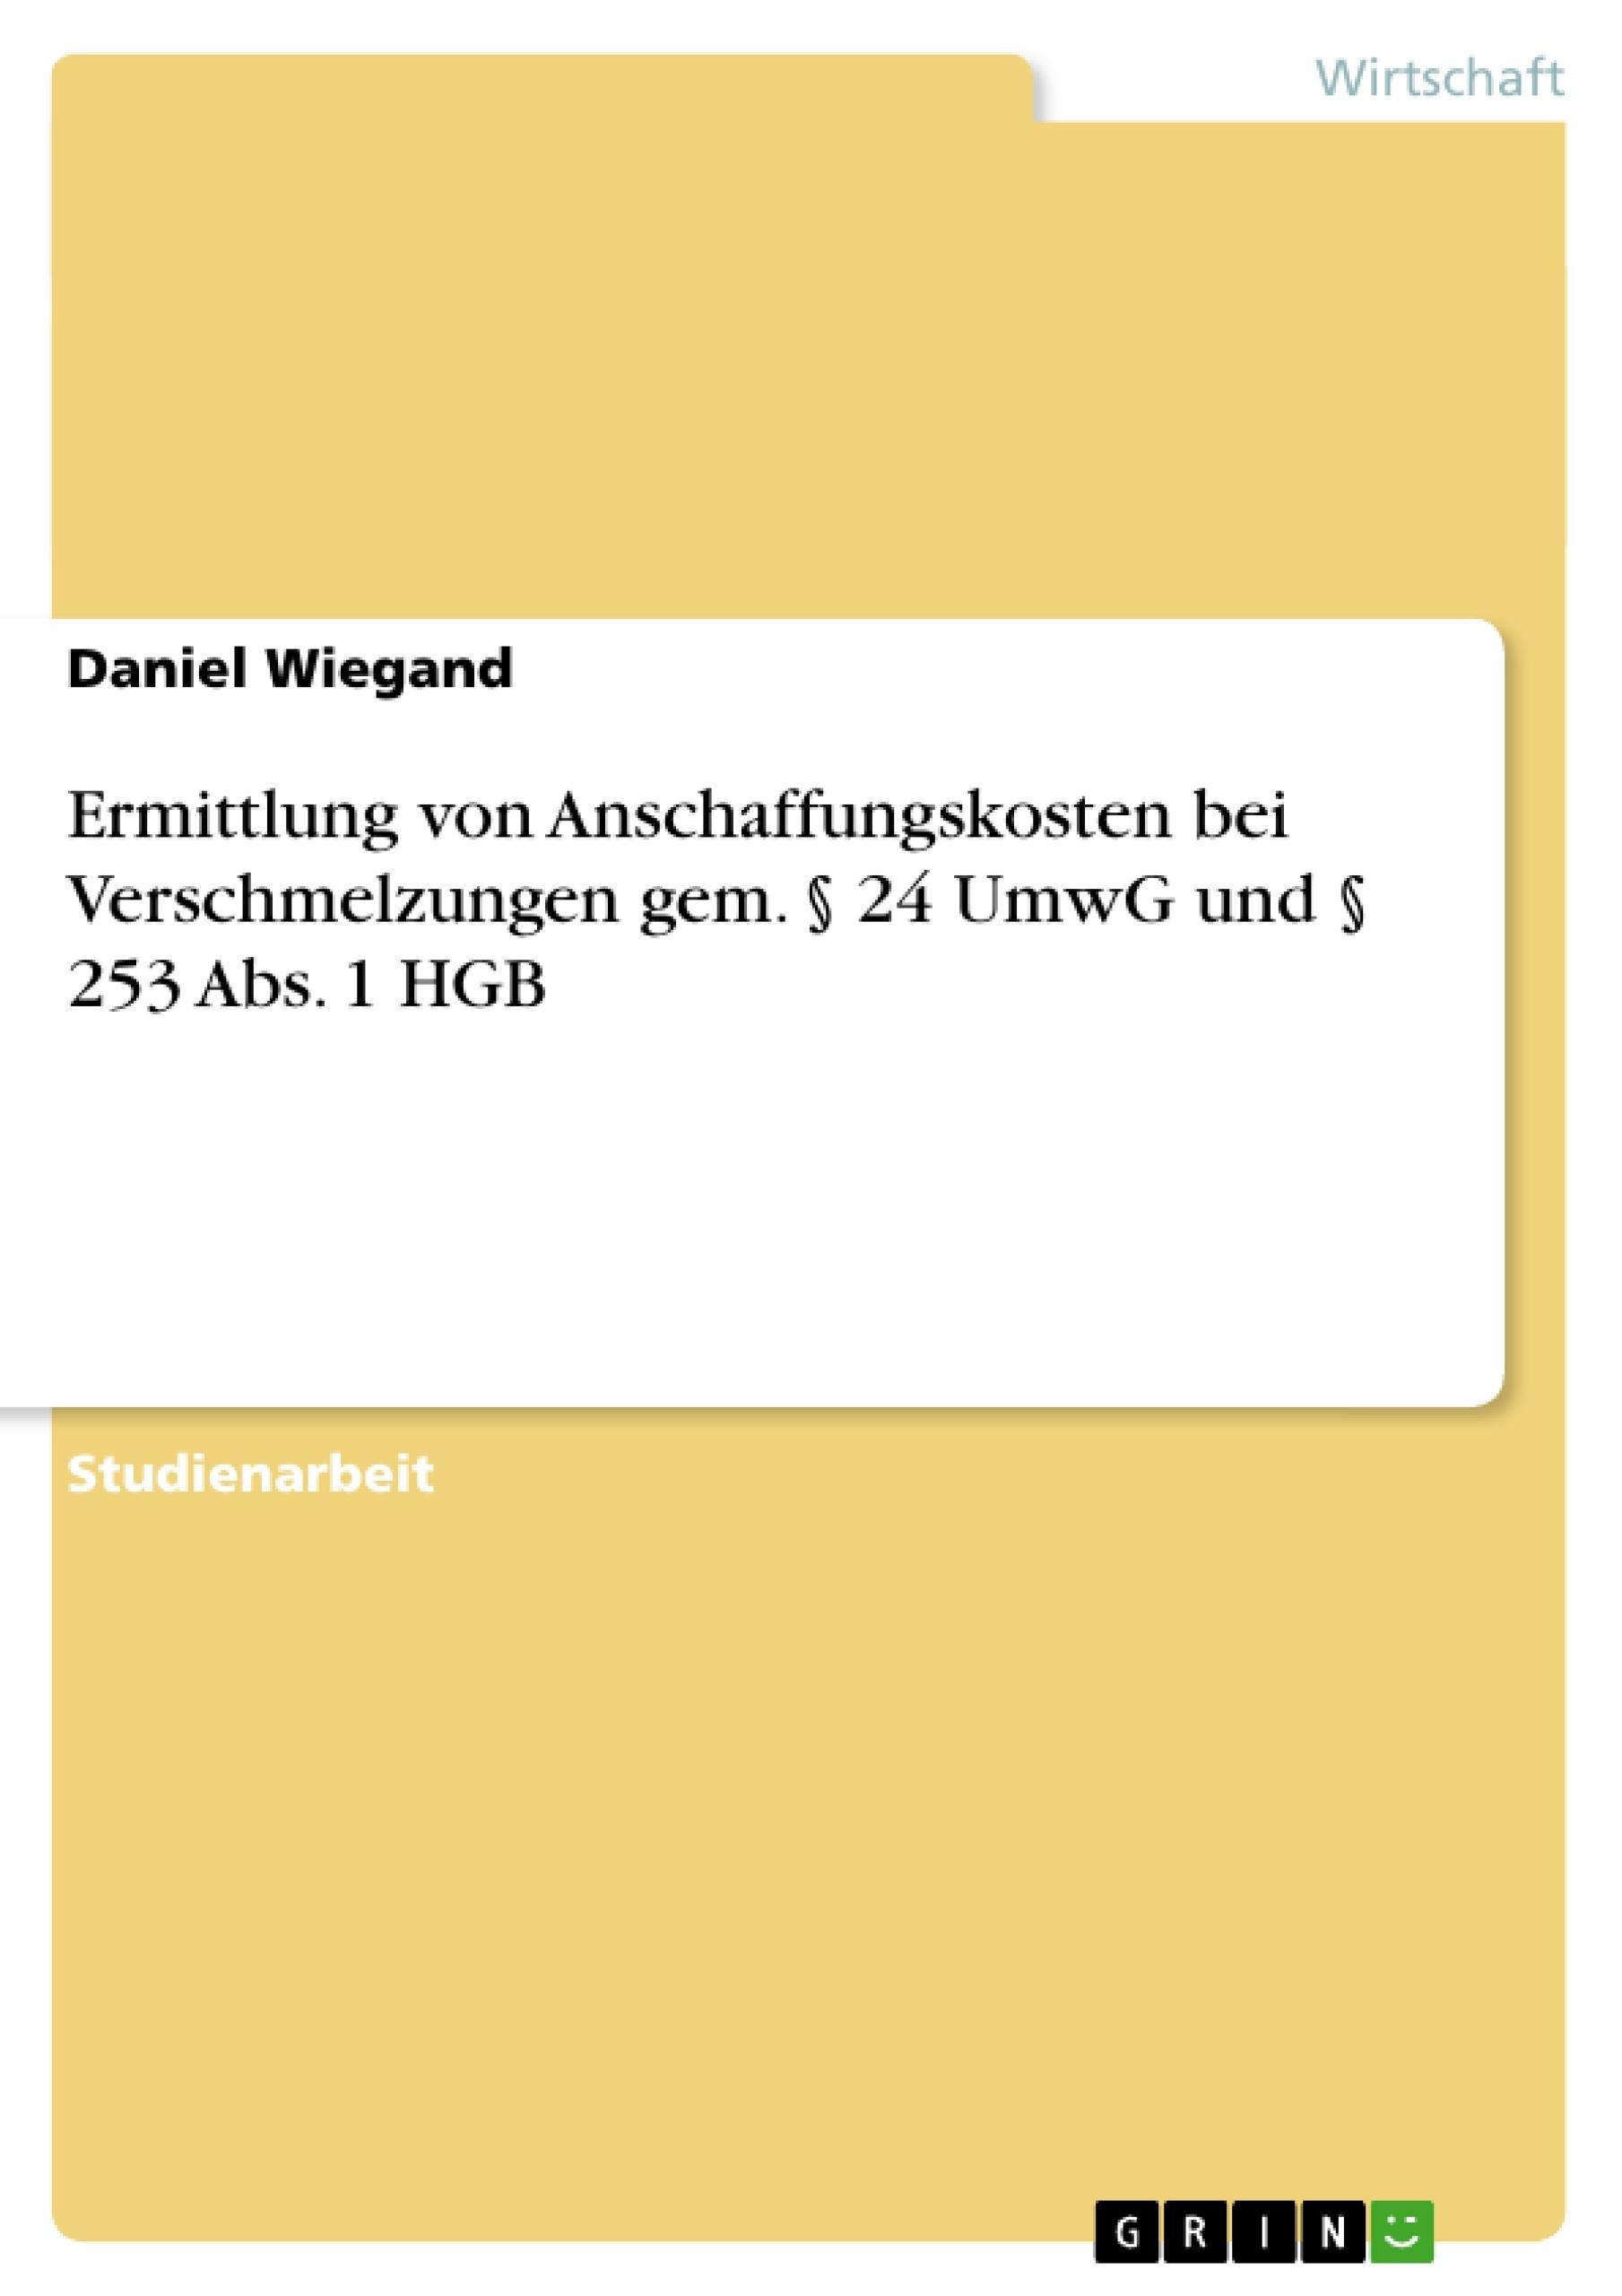 Titel: Ermittlung von Anschaffungskosten bei Verschmelzungen gem. § 24 UmwG und § 253 Abs. 1 HGB